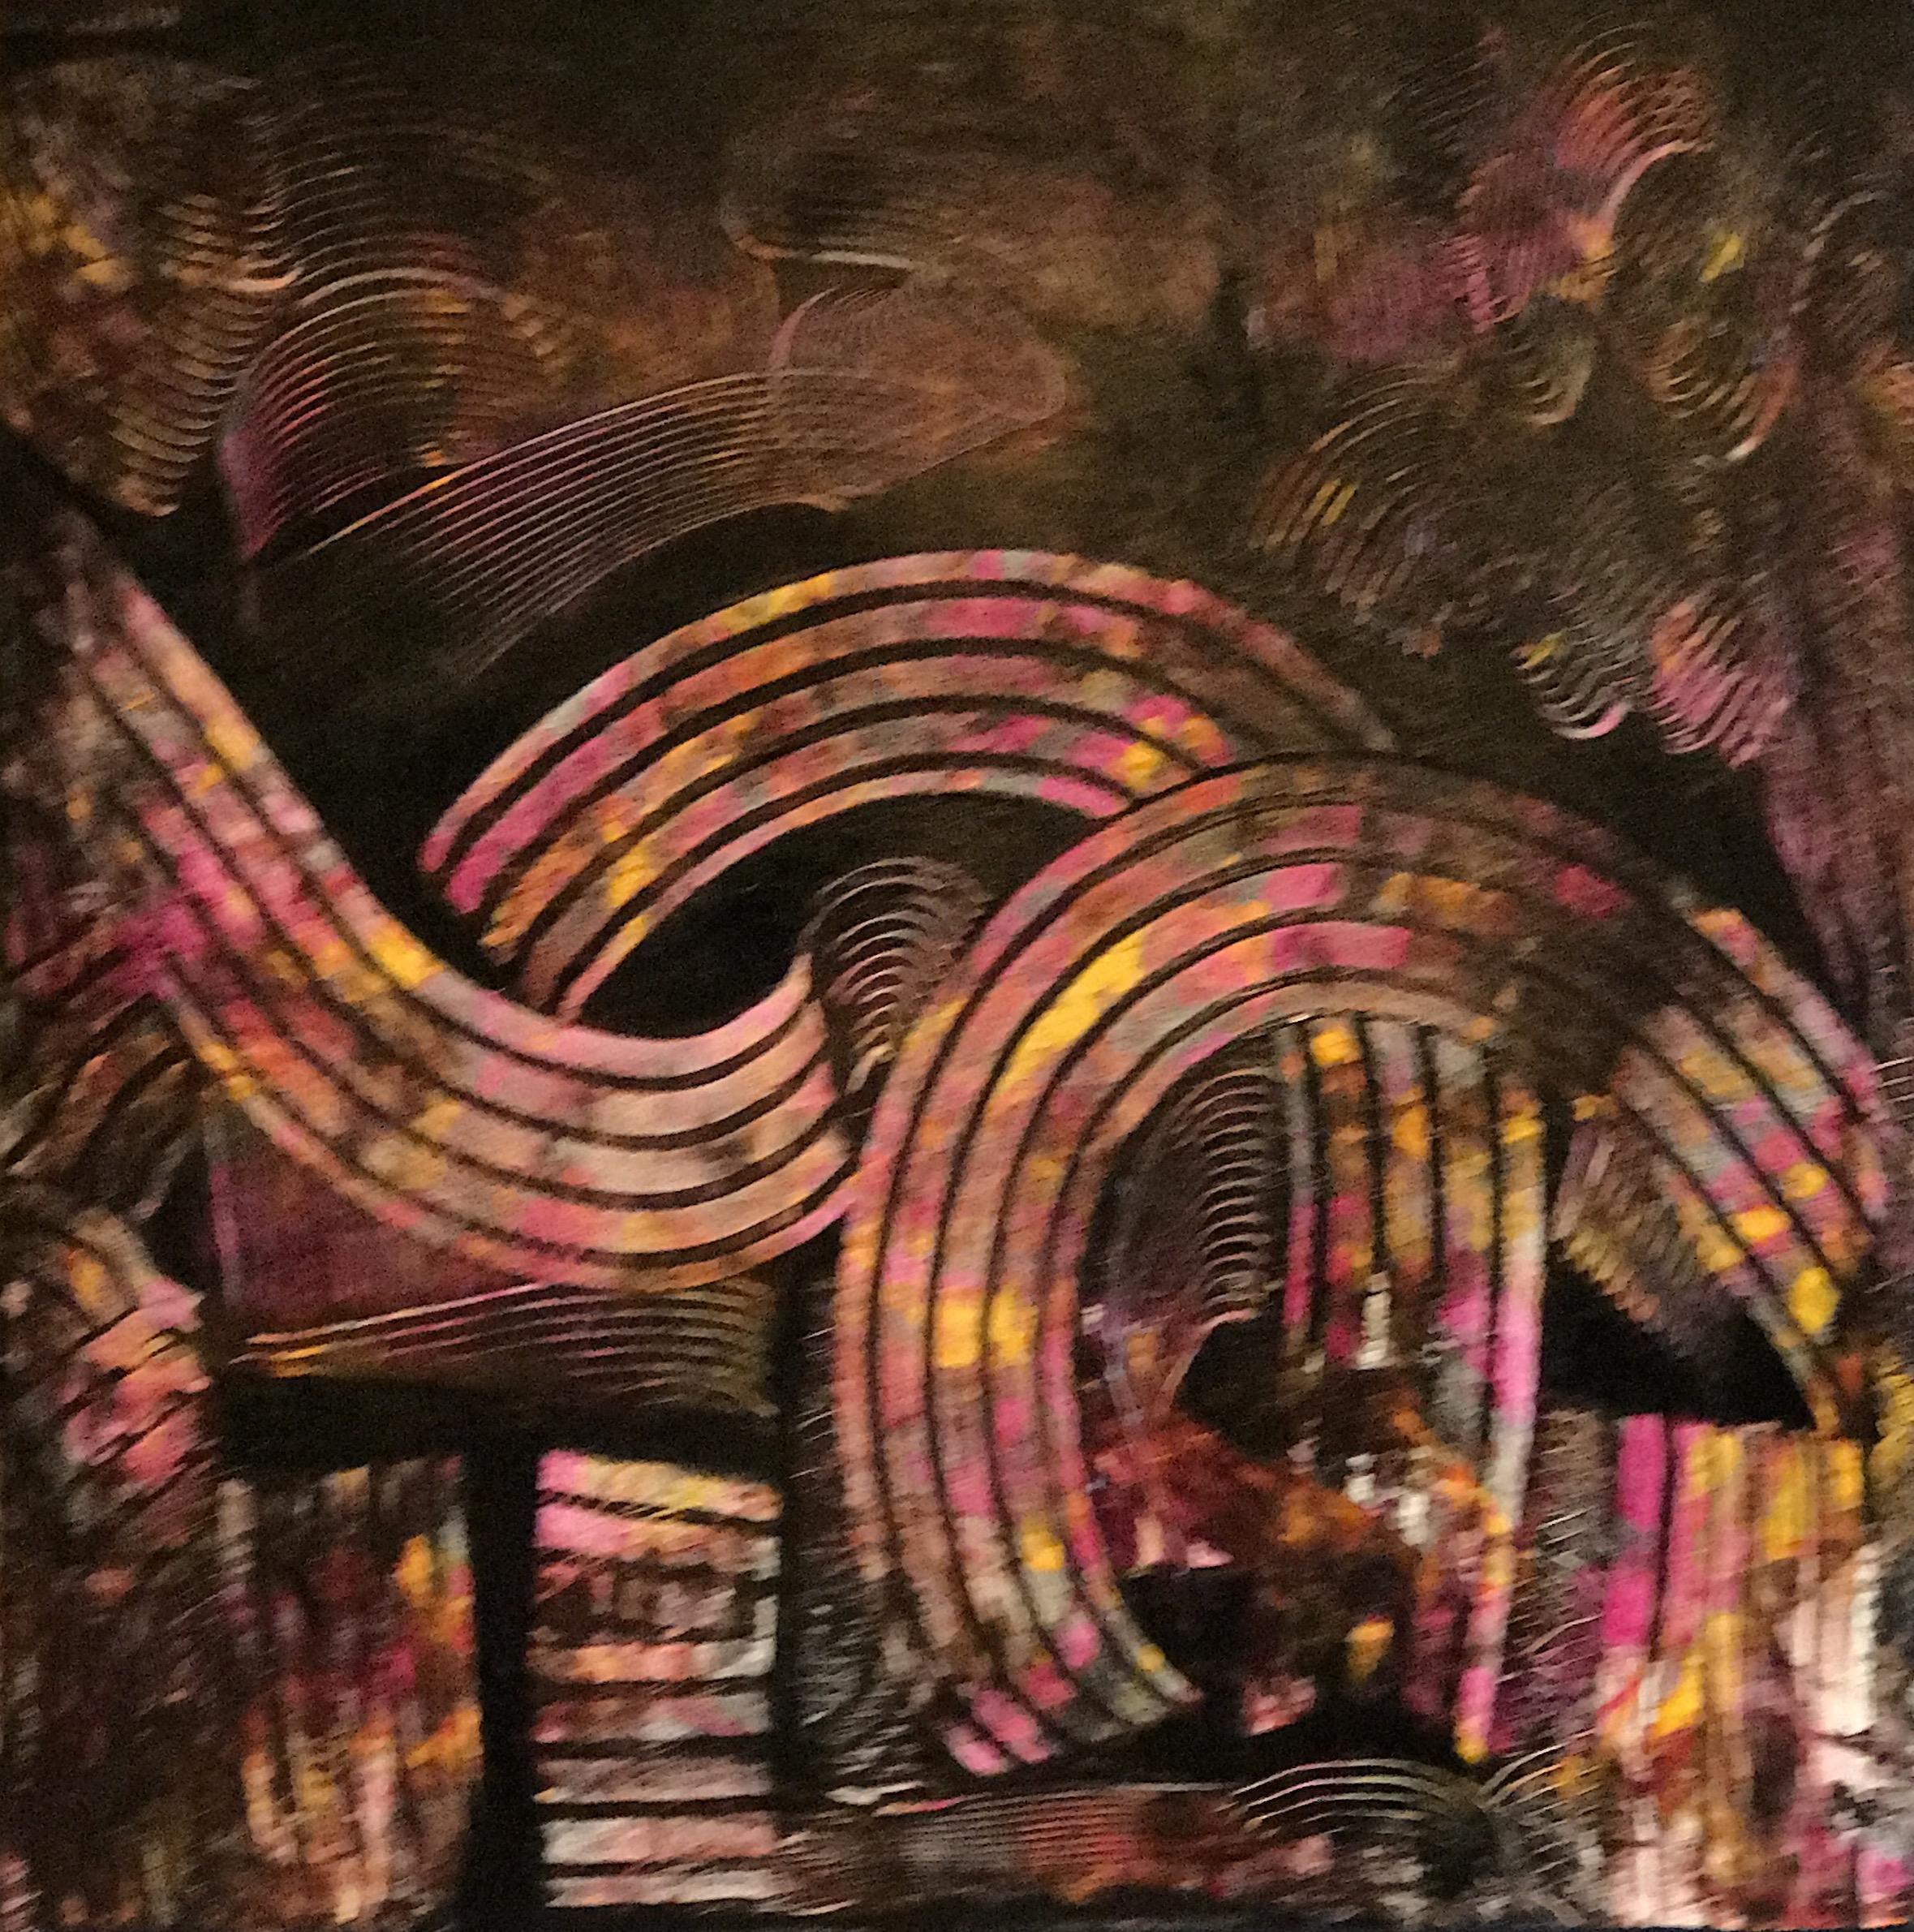 Sheila Cahill - _The Arcs of History_ - 30 x30 - Acrylic on canvas - 2018 - $900.JPG